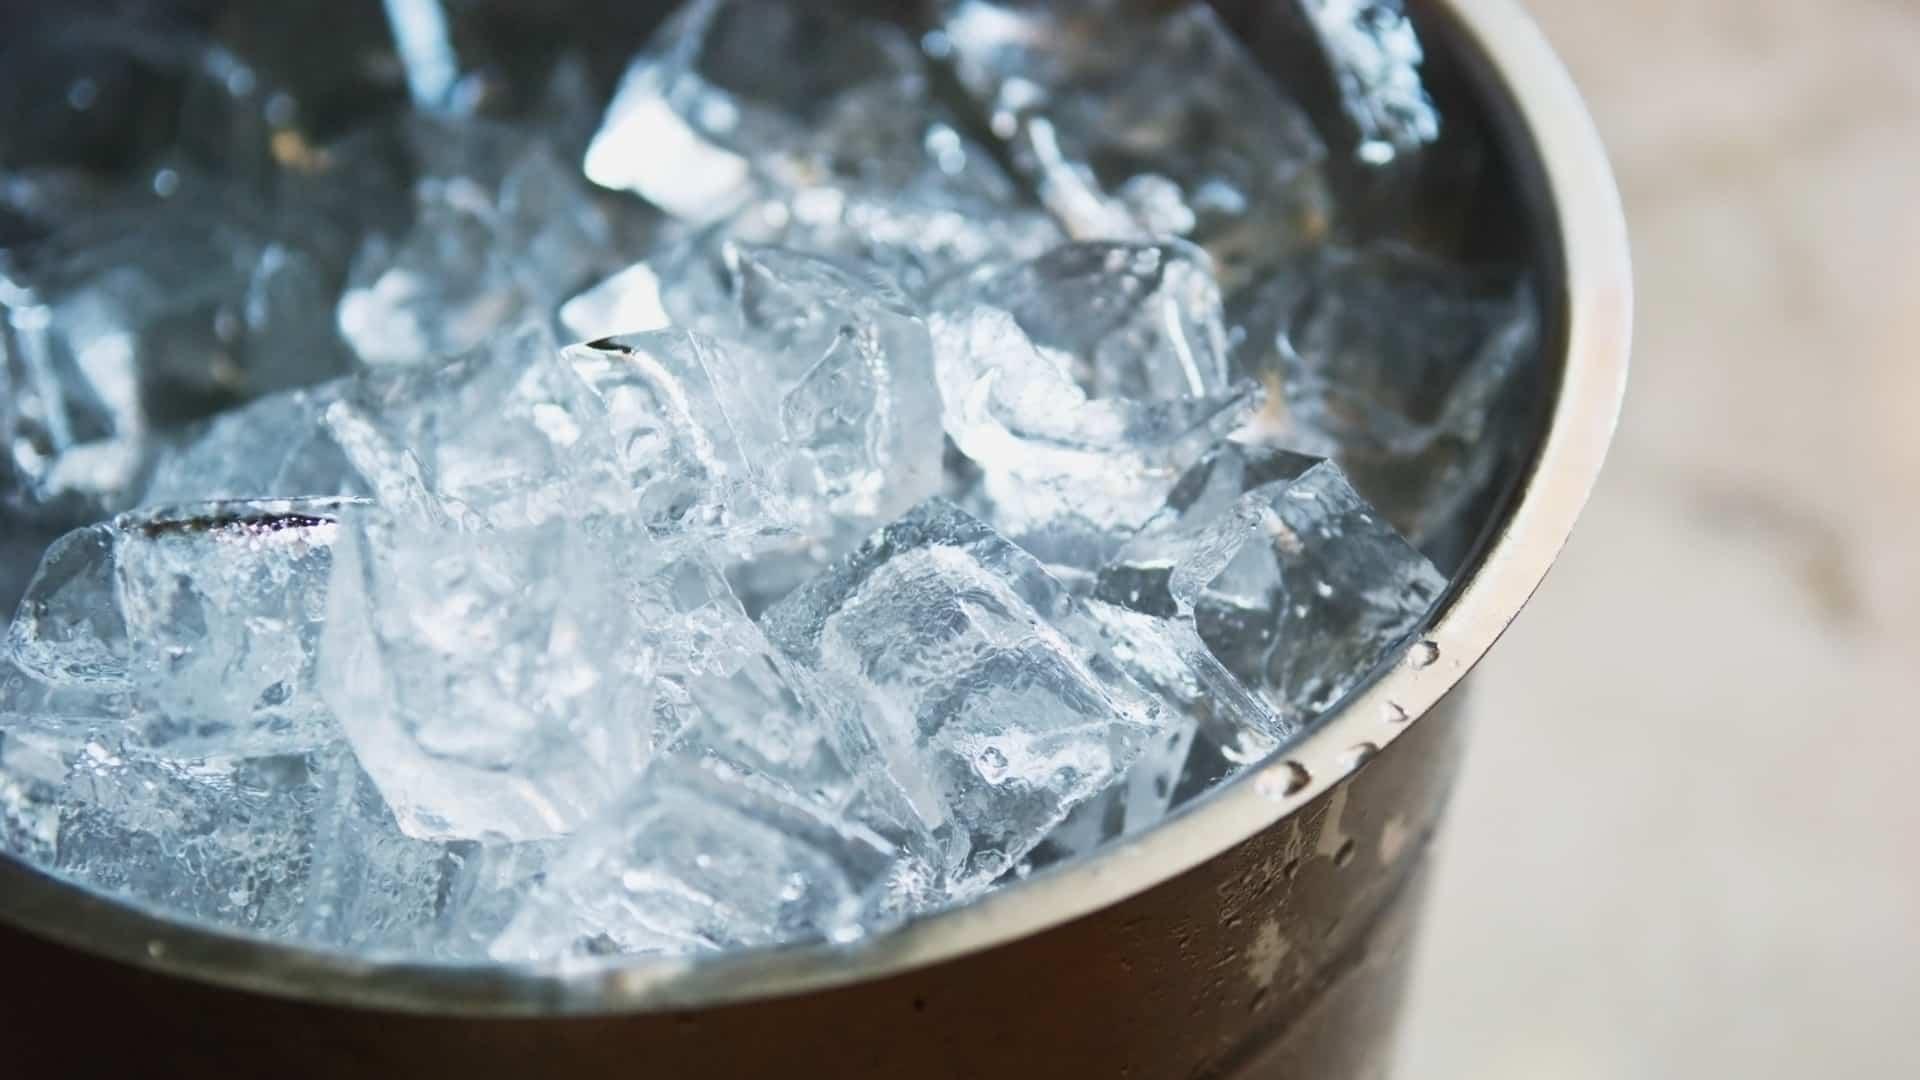 Kupferbecher mit Eis gefuellt